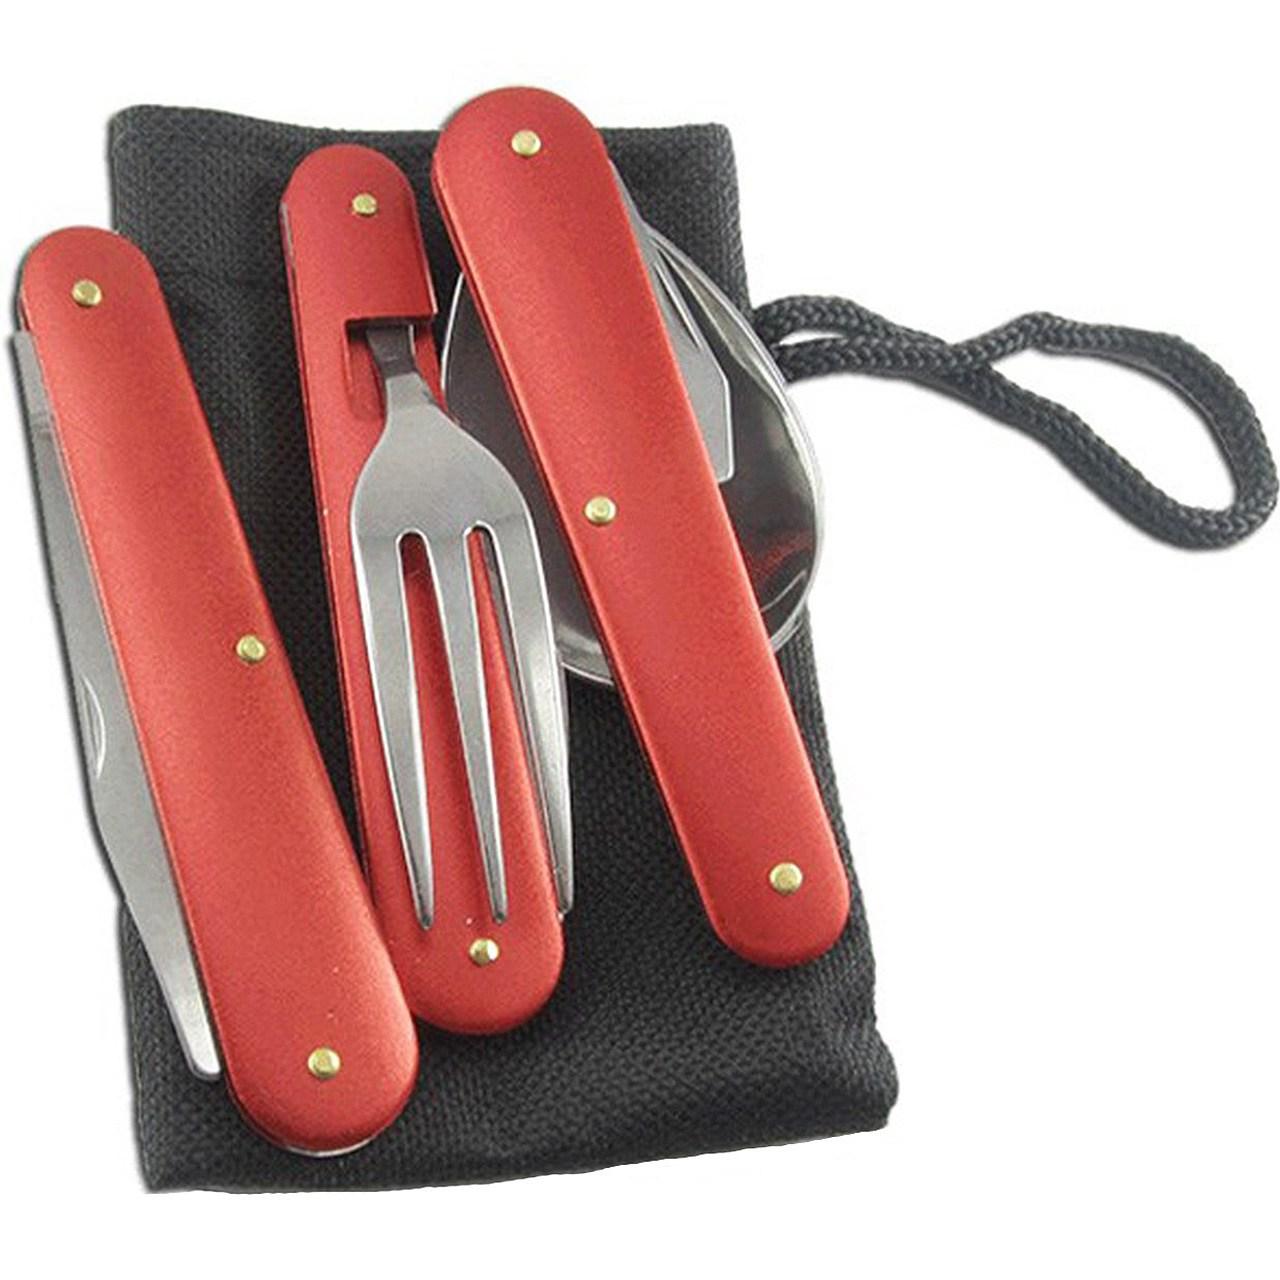 ست قاشق، چنگال و چاقوی سفری